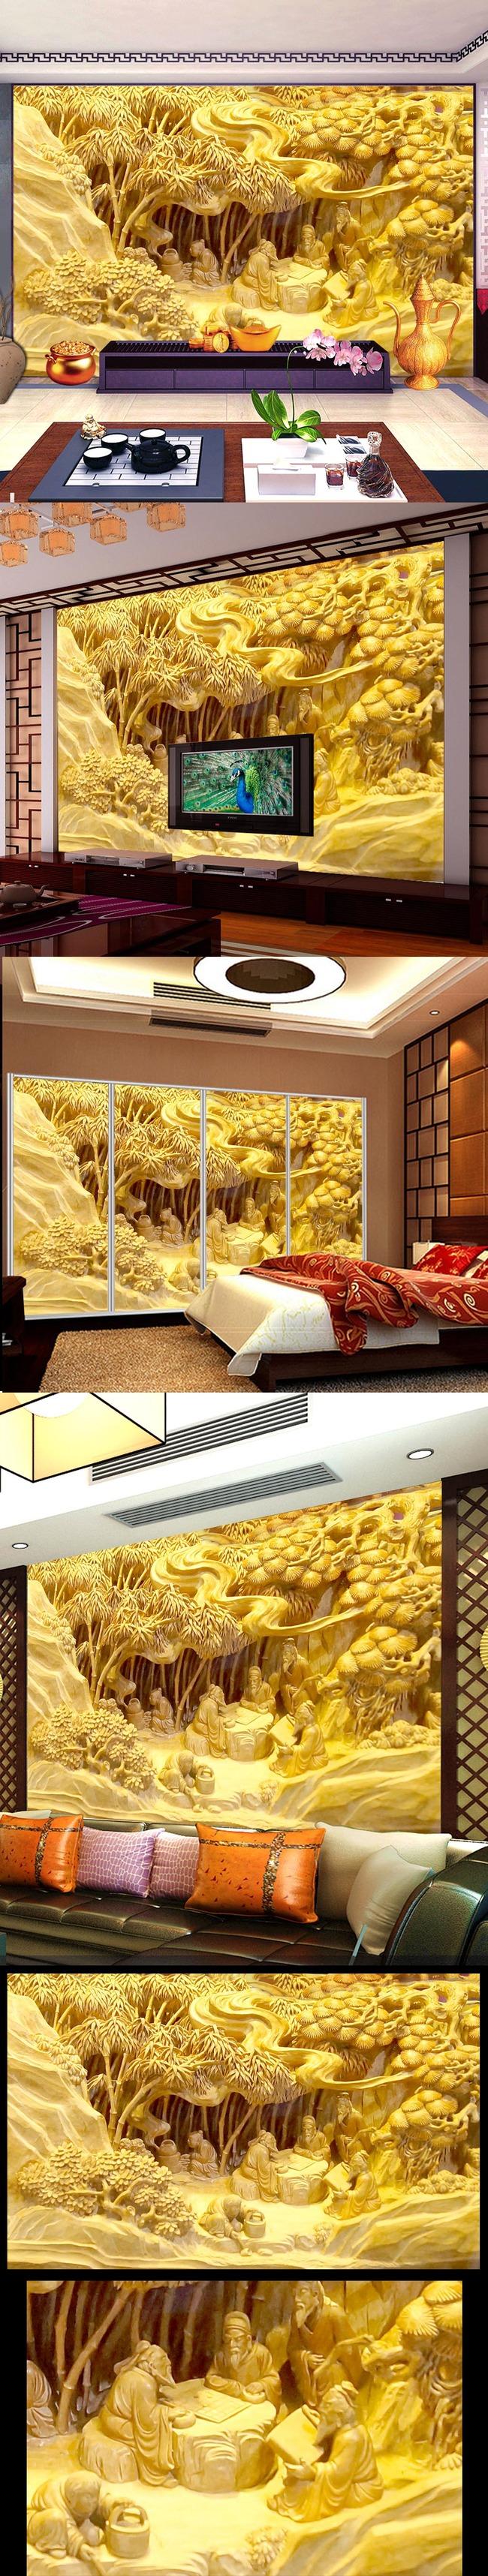 中式立体浮雕凤凰牡丹壁画电视背景墙